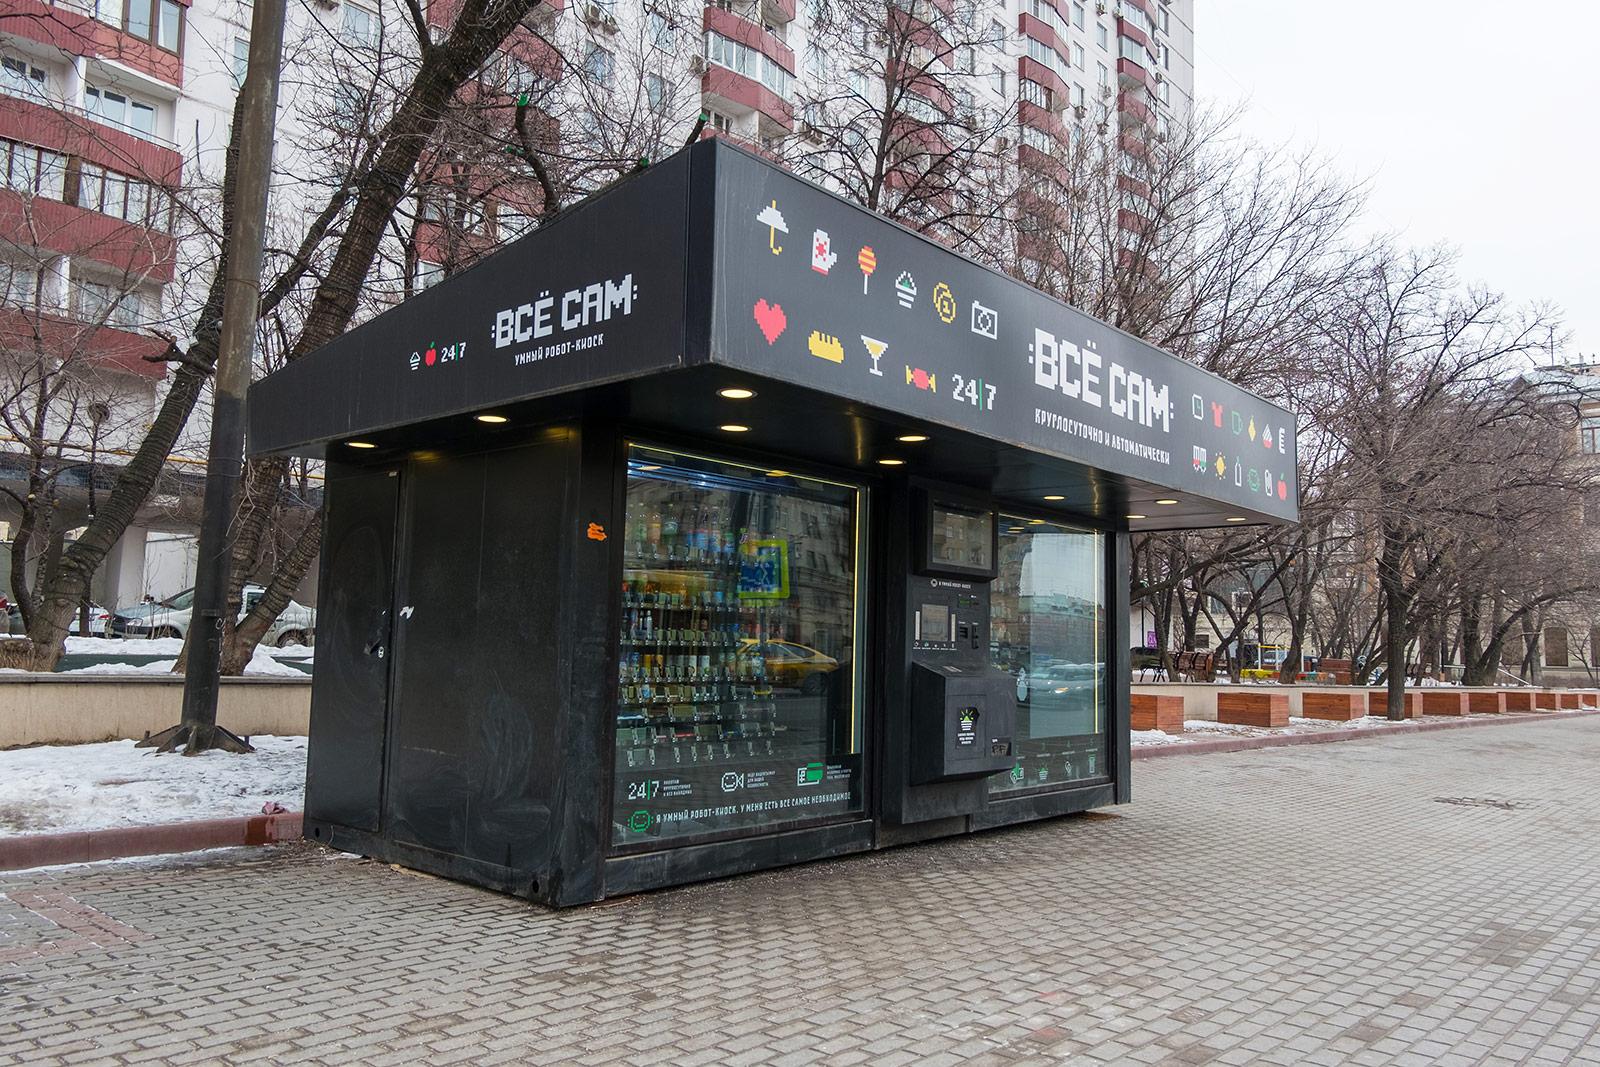 проблема кредита в россии как проверить машину по номеру кузова японского производства бесплатно